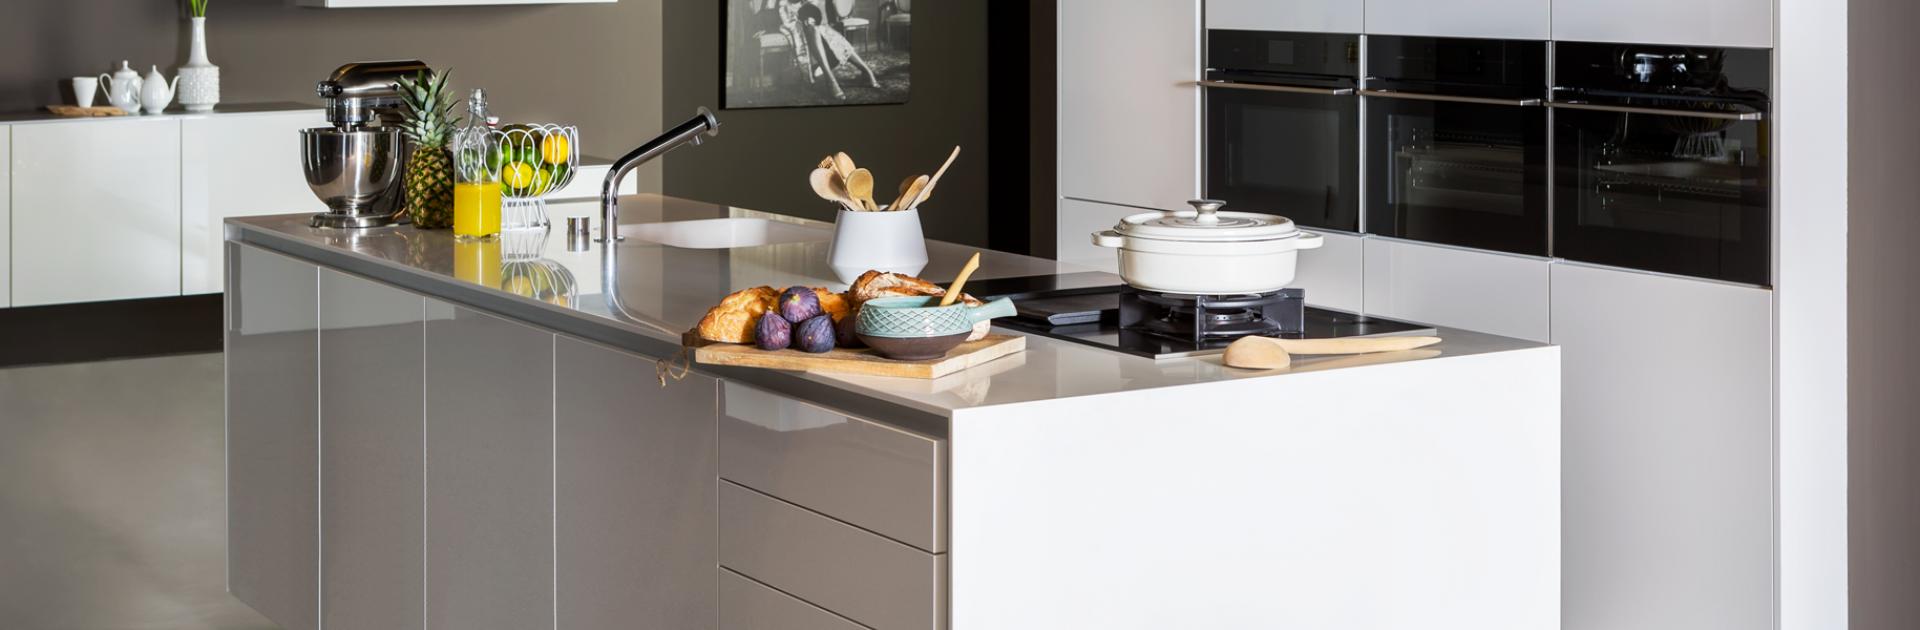 Minimalistisch keuken nieuwe trend   Eigenhuis Keukens